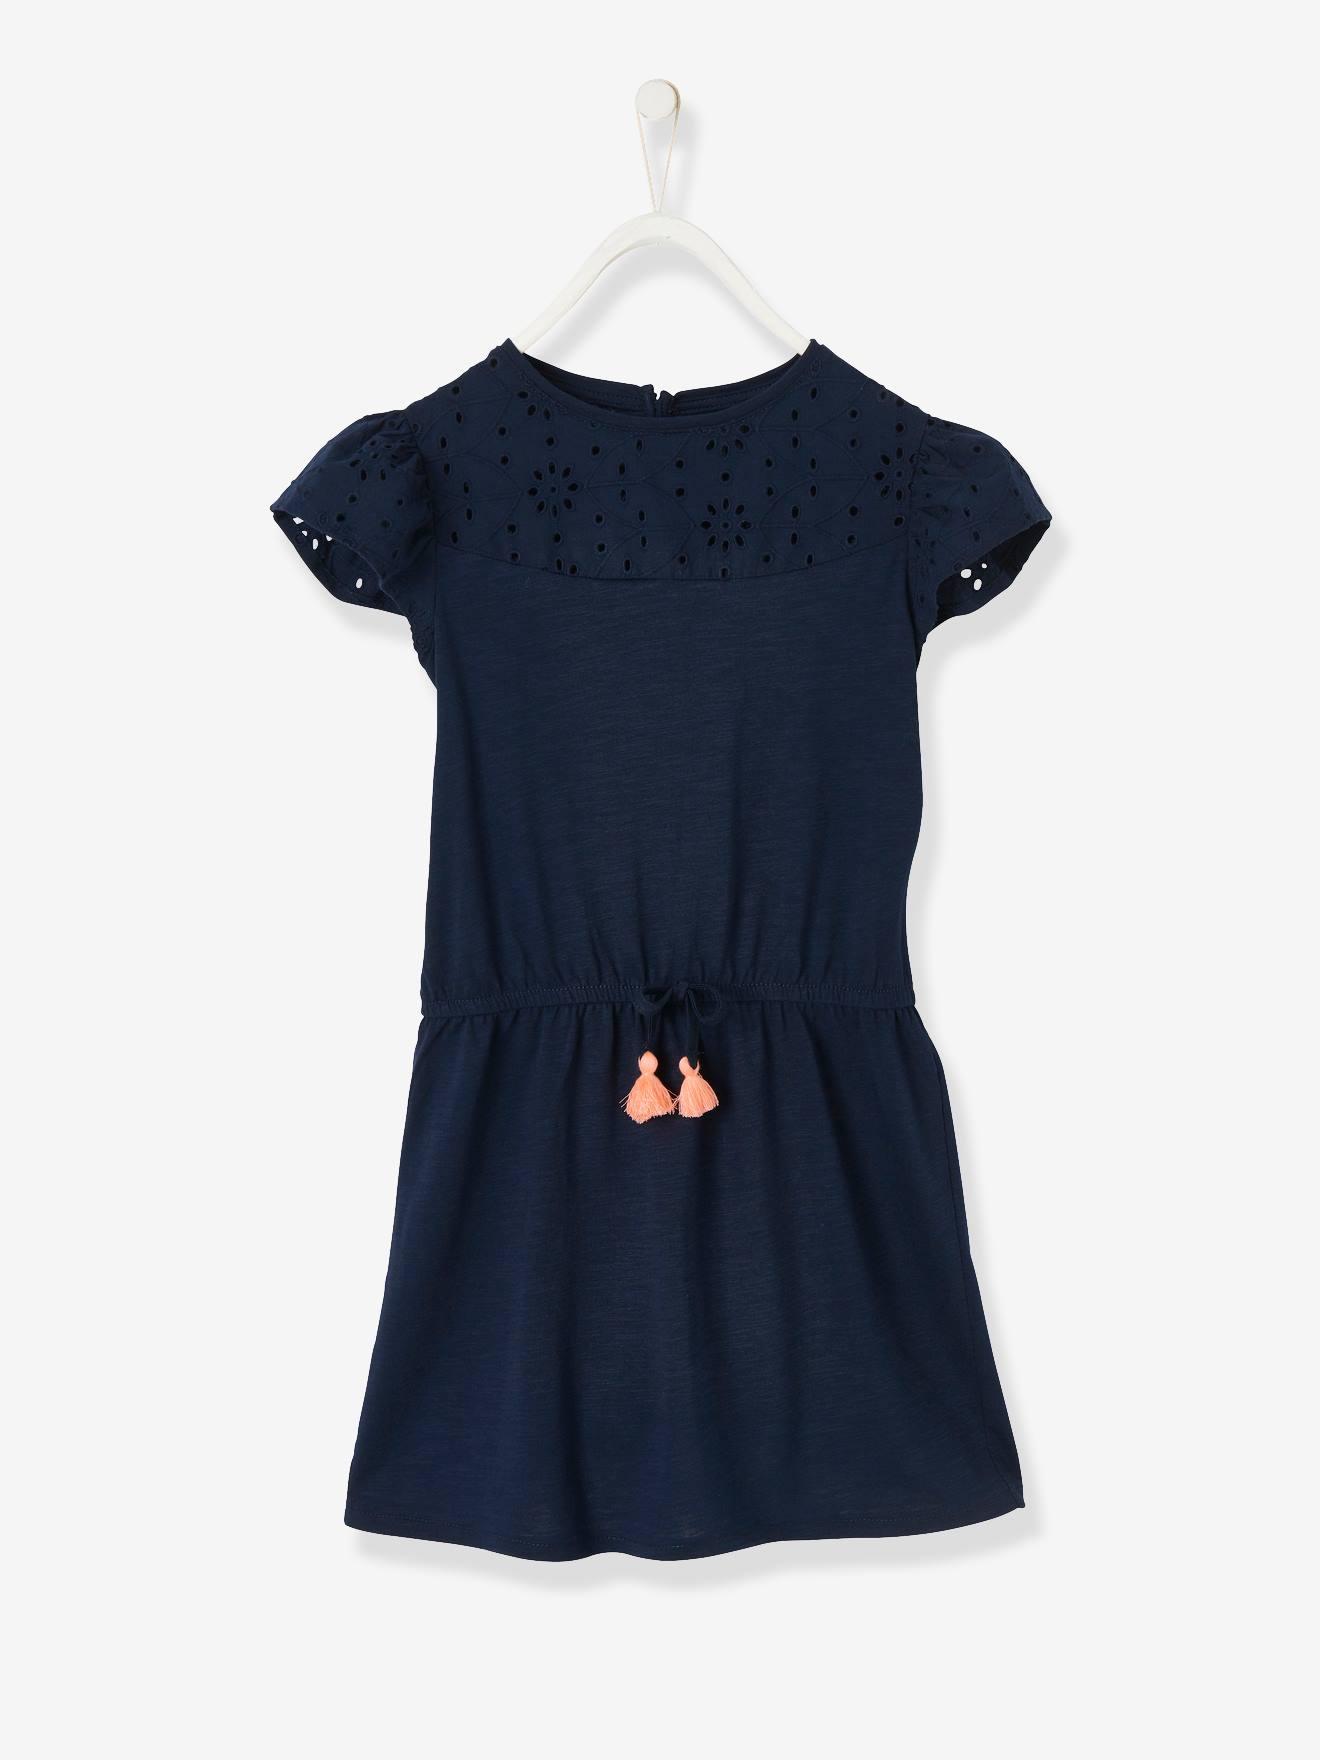 Mädchen Kleid mit Lochstickerei   nachtblau